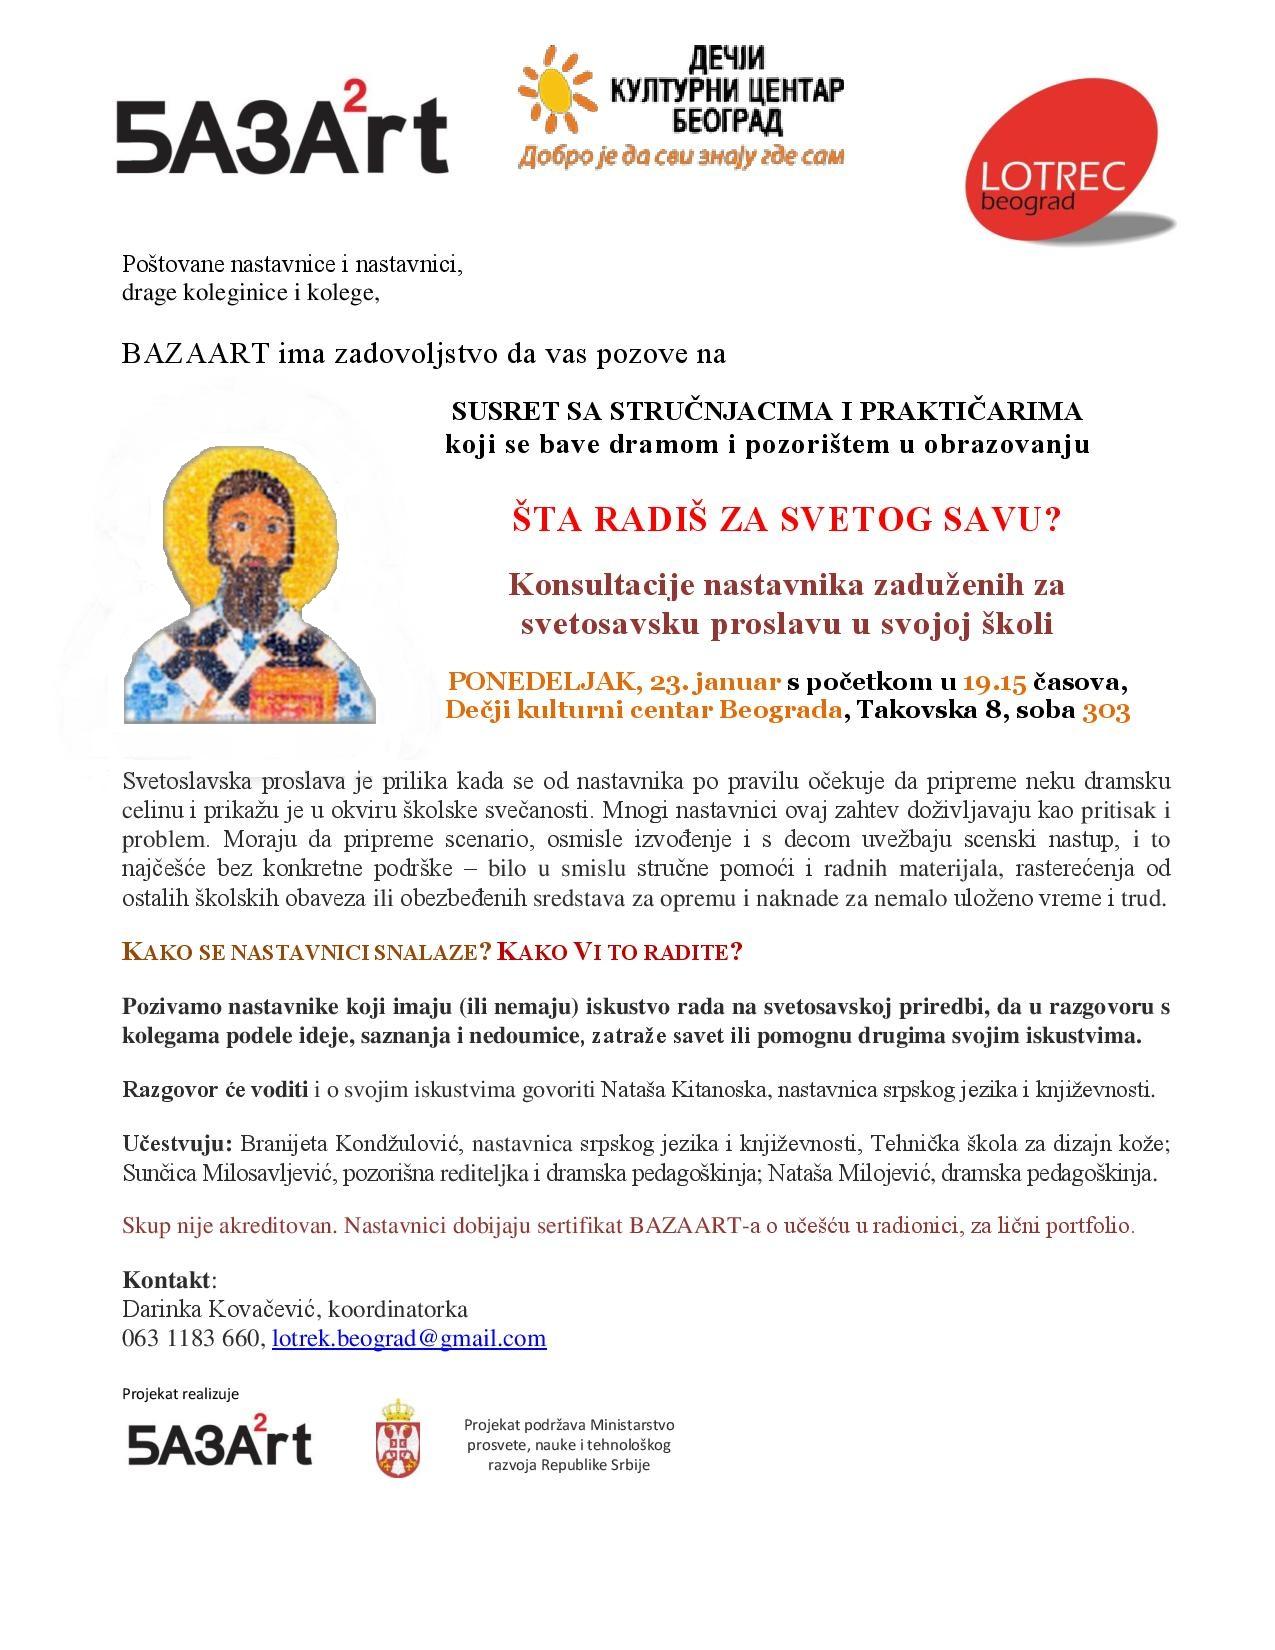 Poziv na 2 SSS Sv.Sava 23jan17 LAT FINAL-page-001